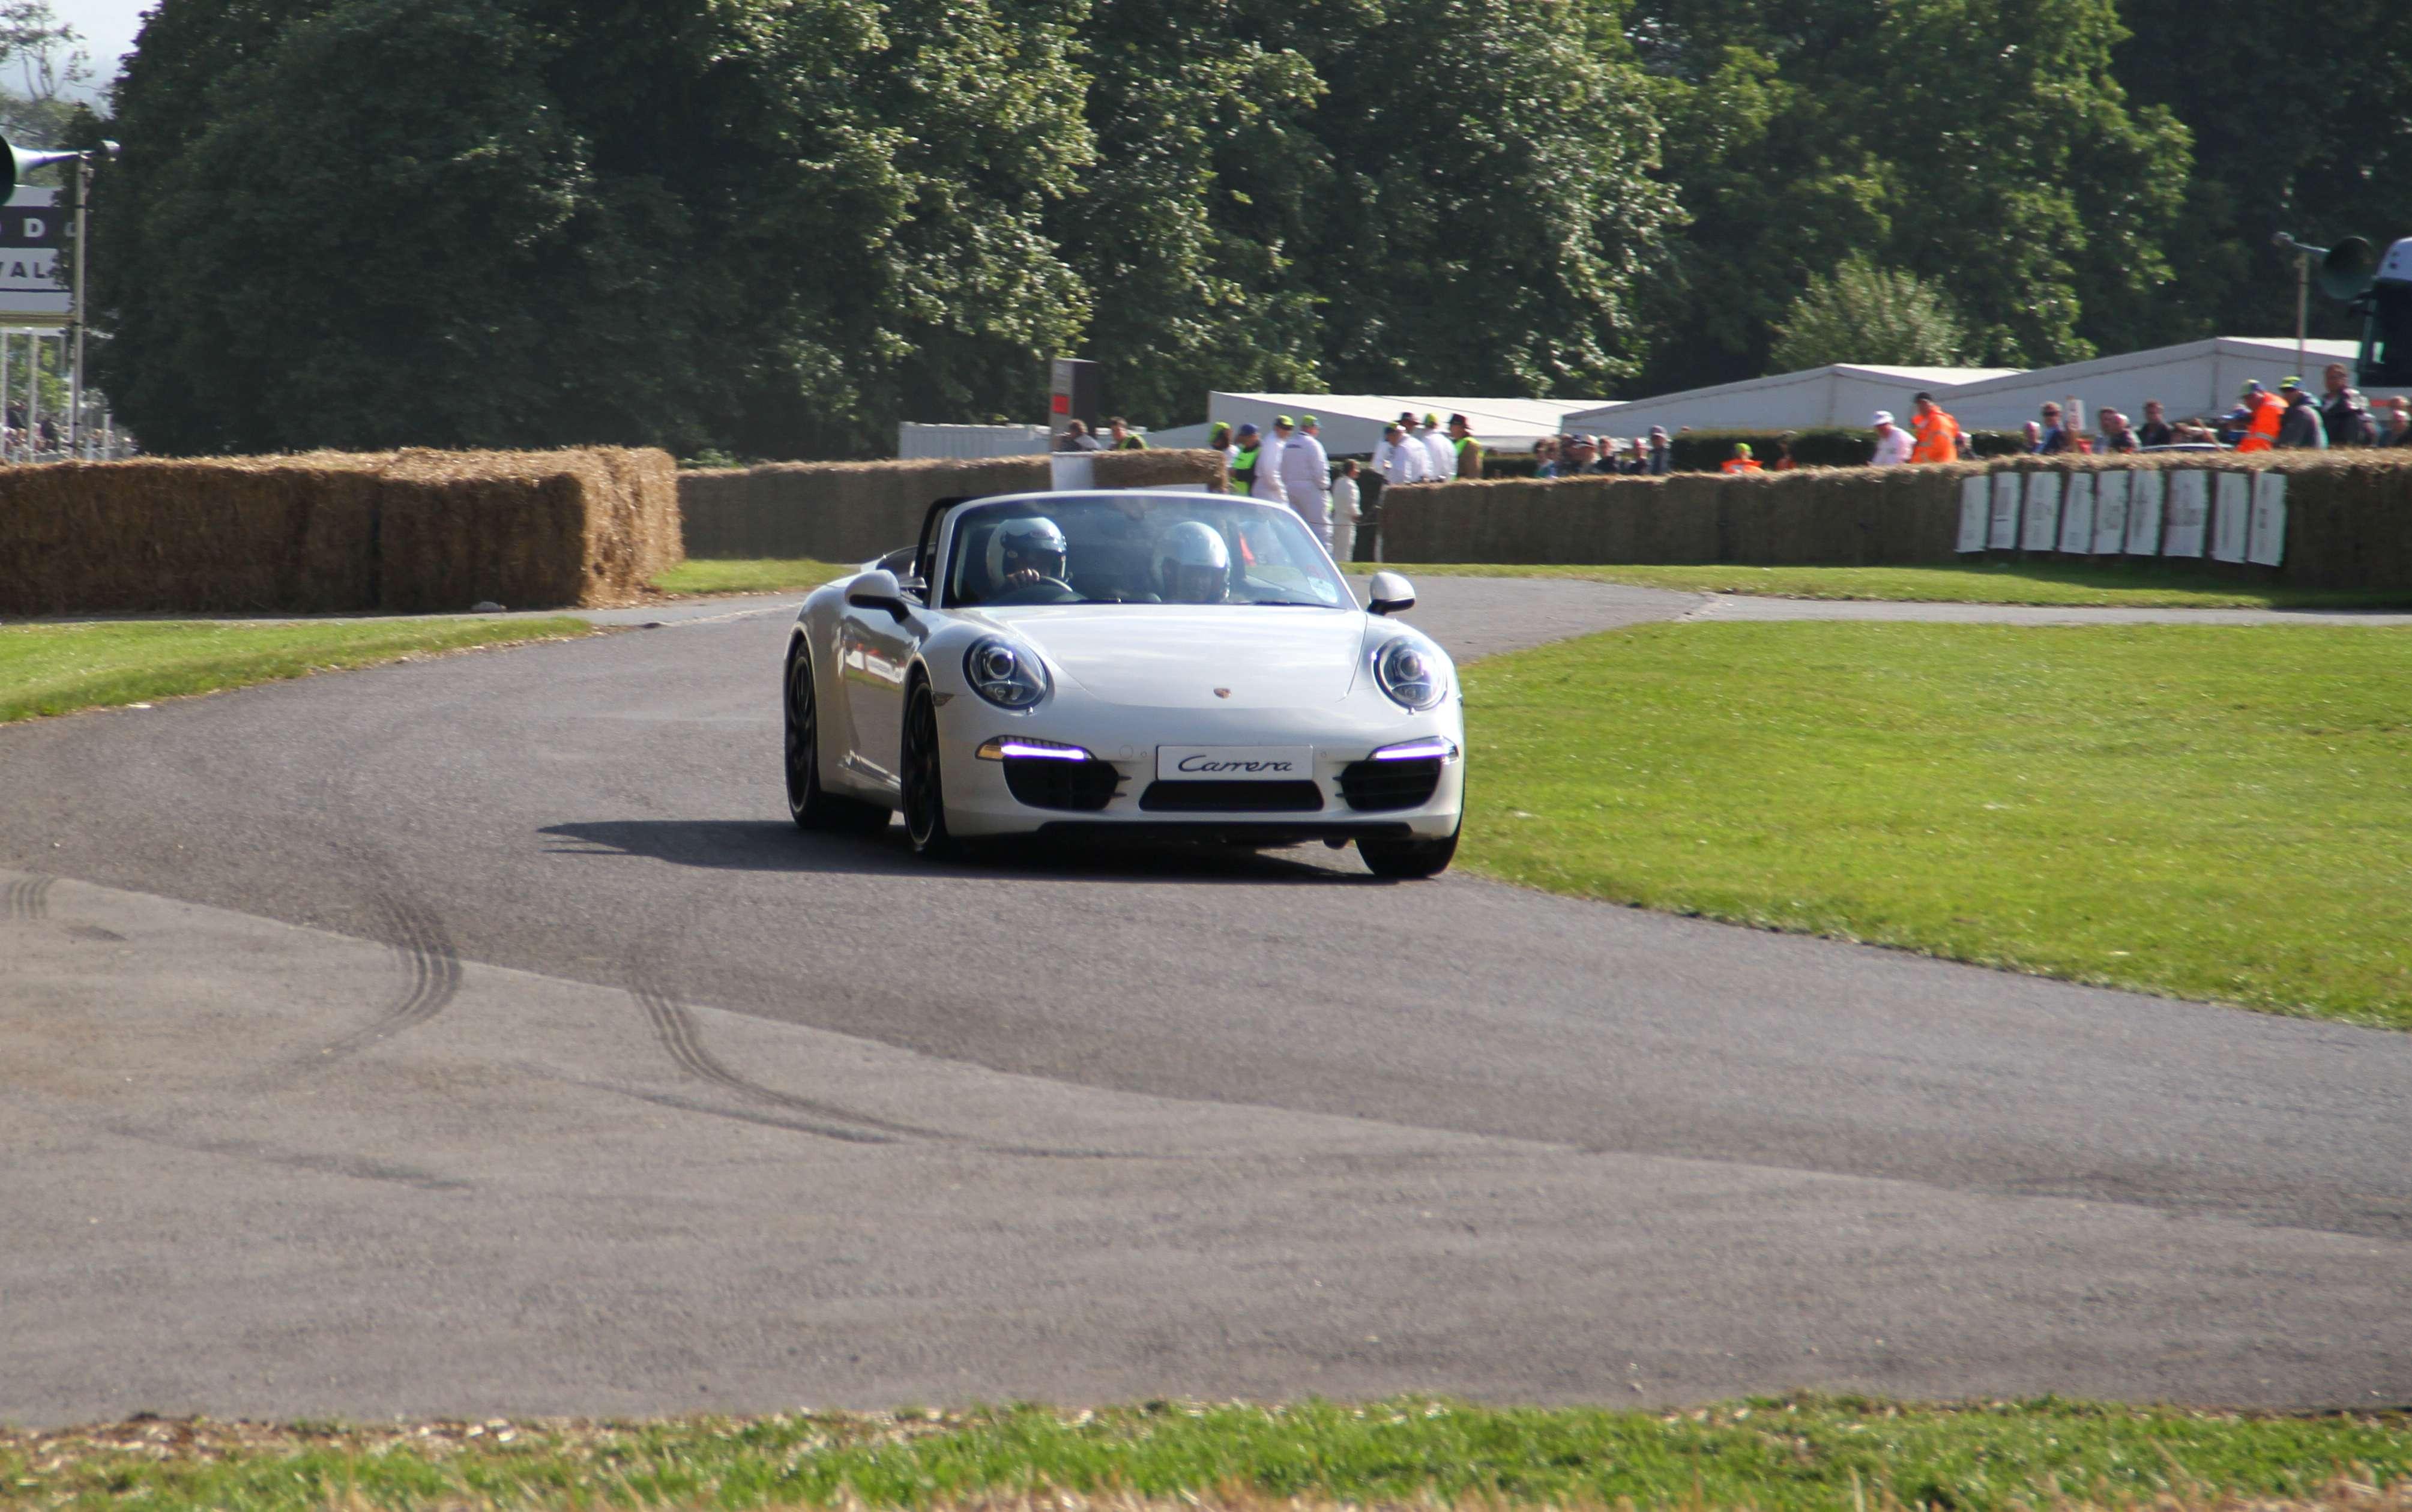 Porsche 991 Carrera Convertible